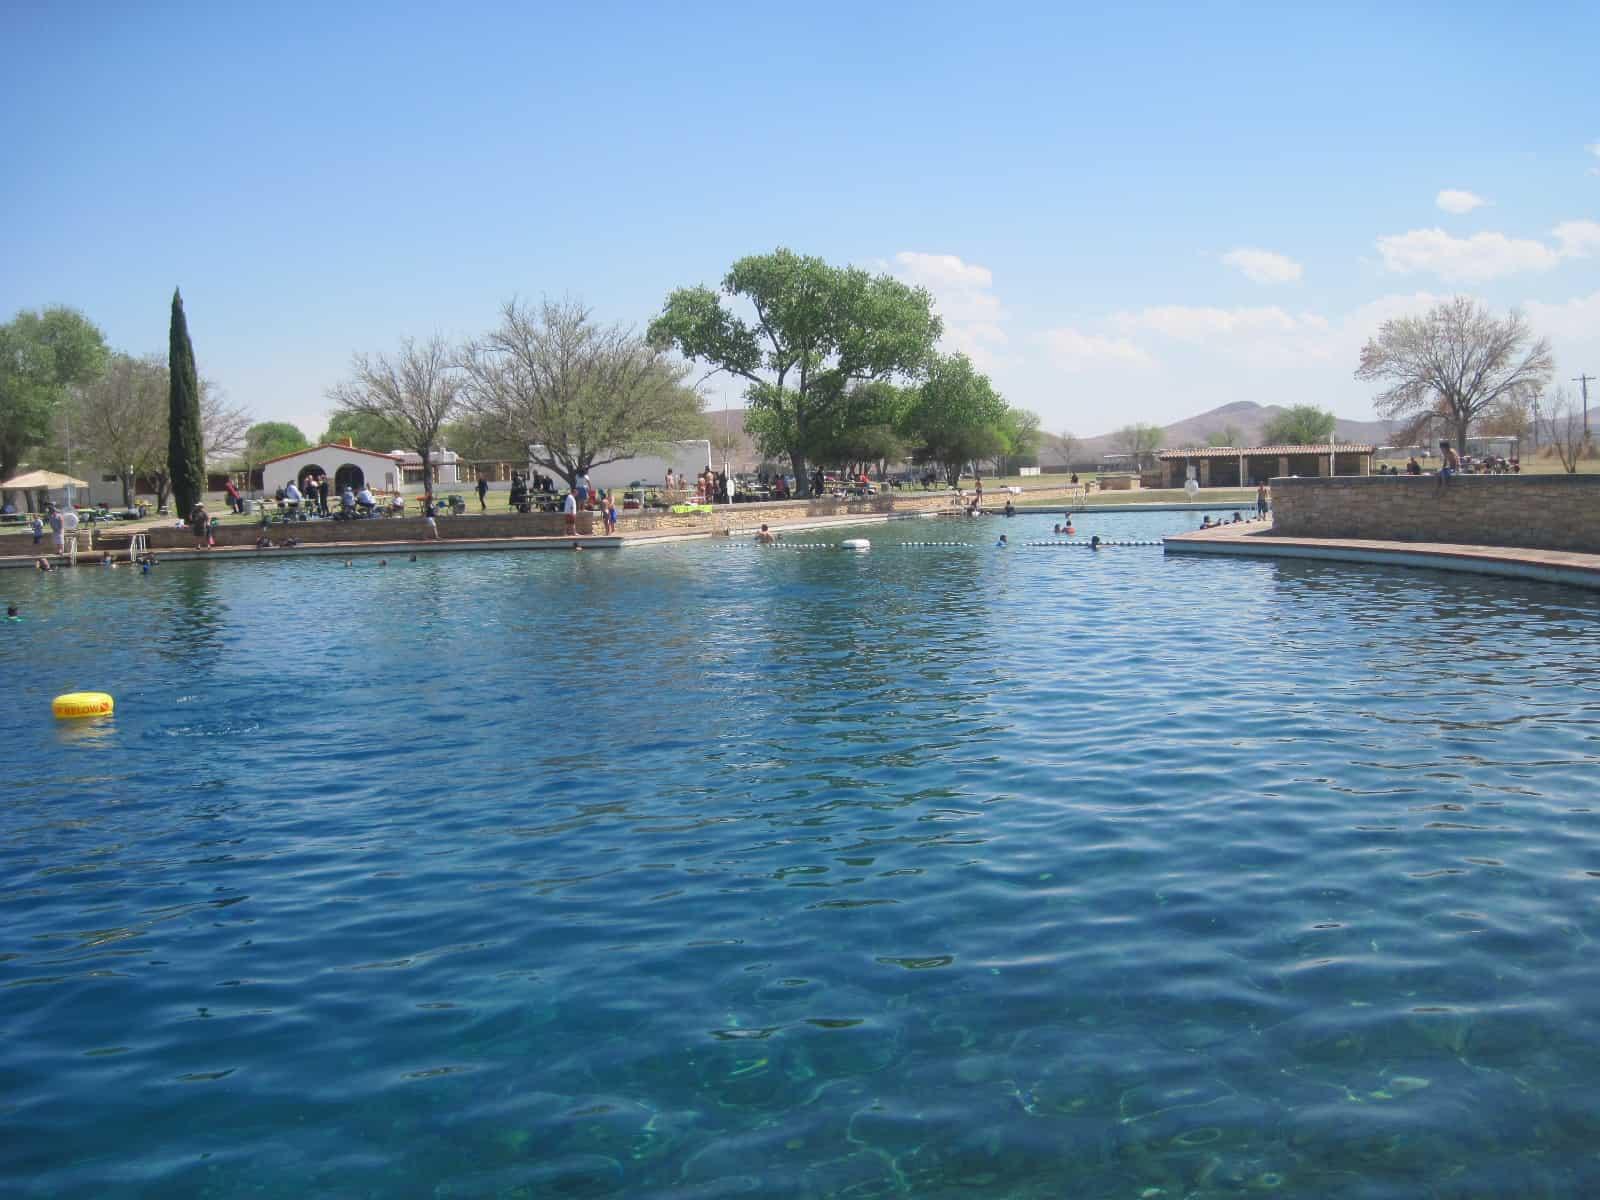 Balmorhea Springs